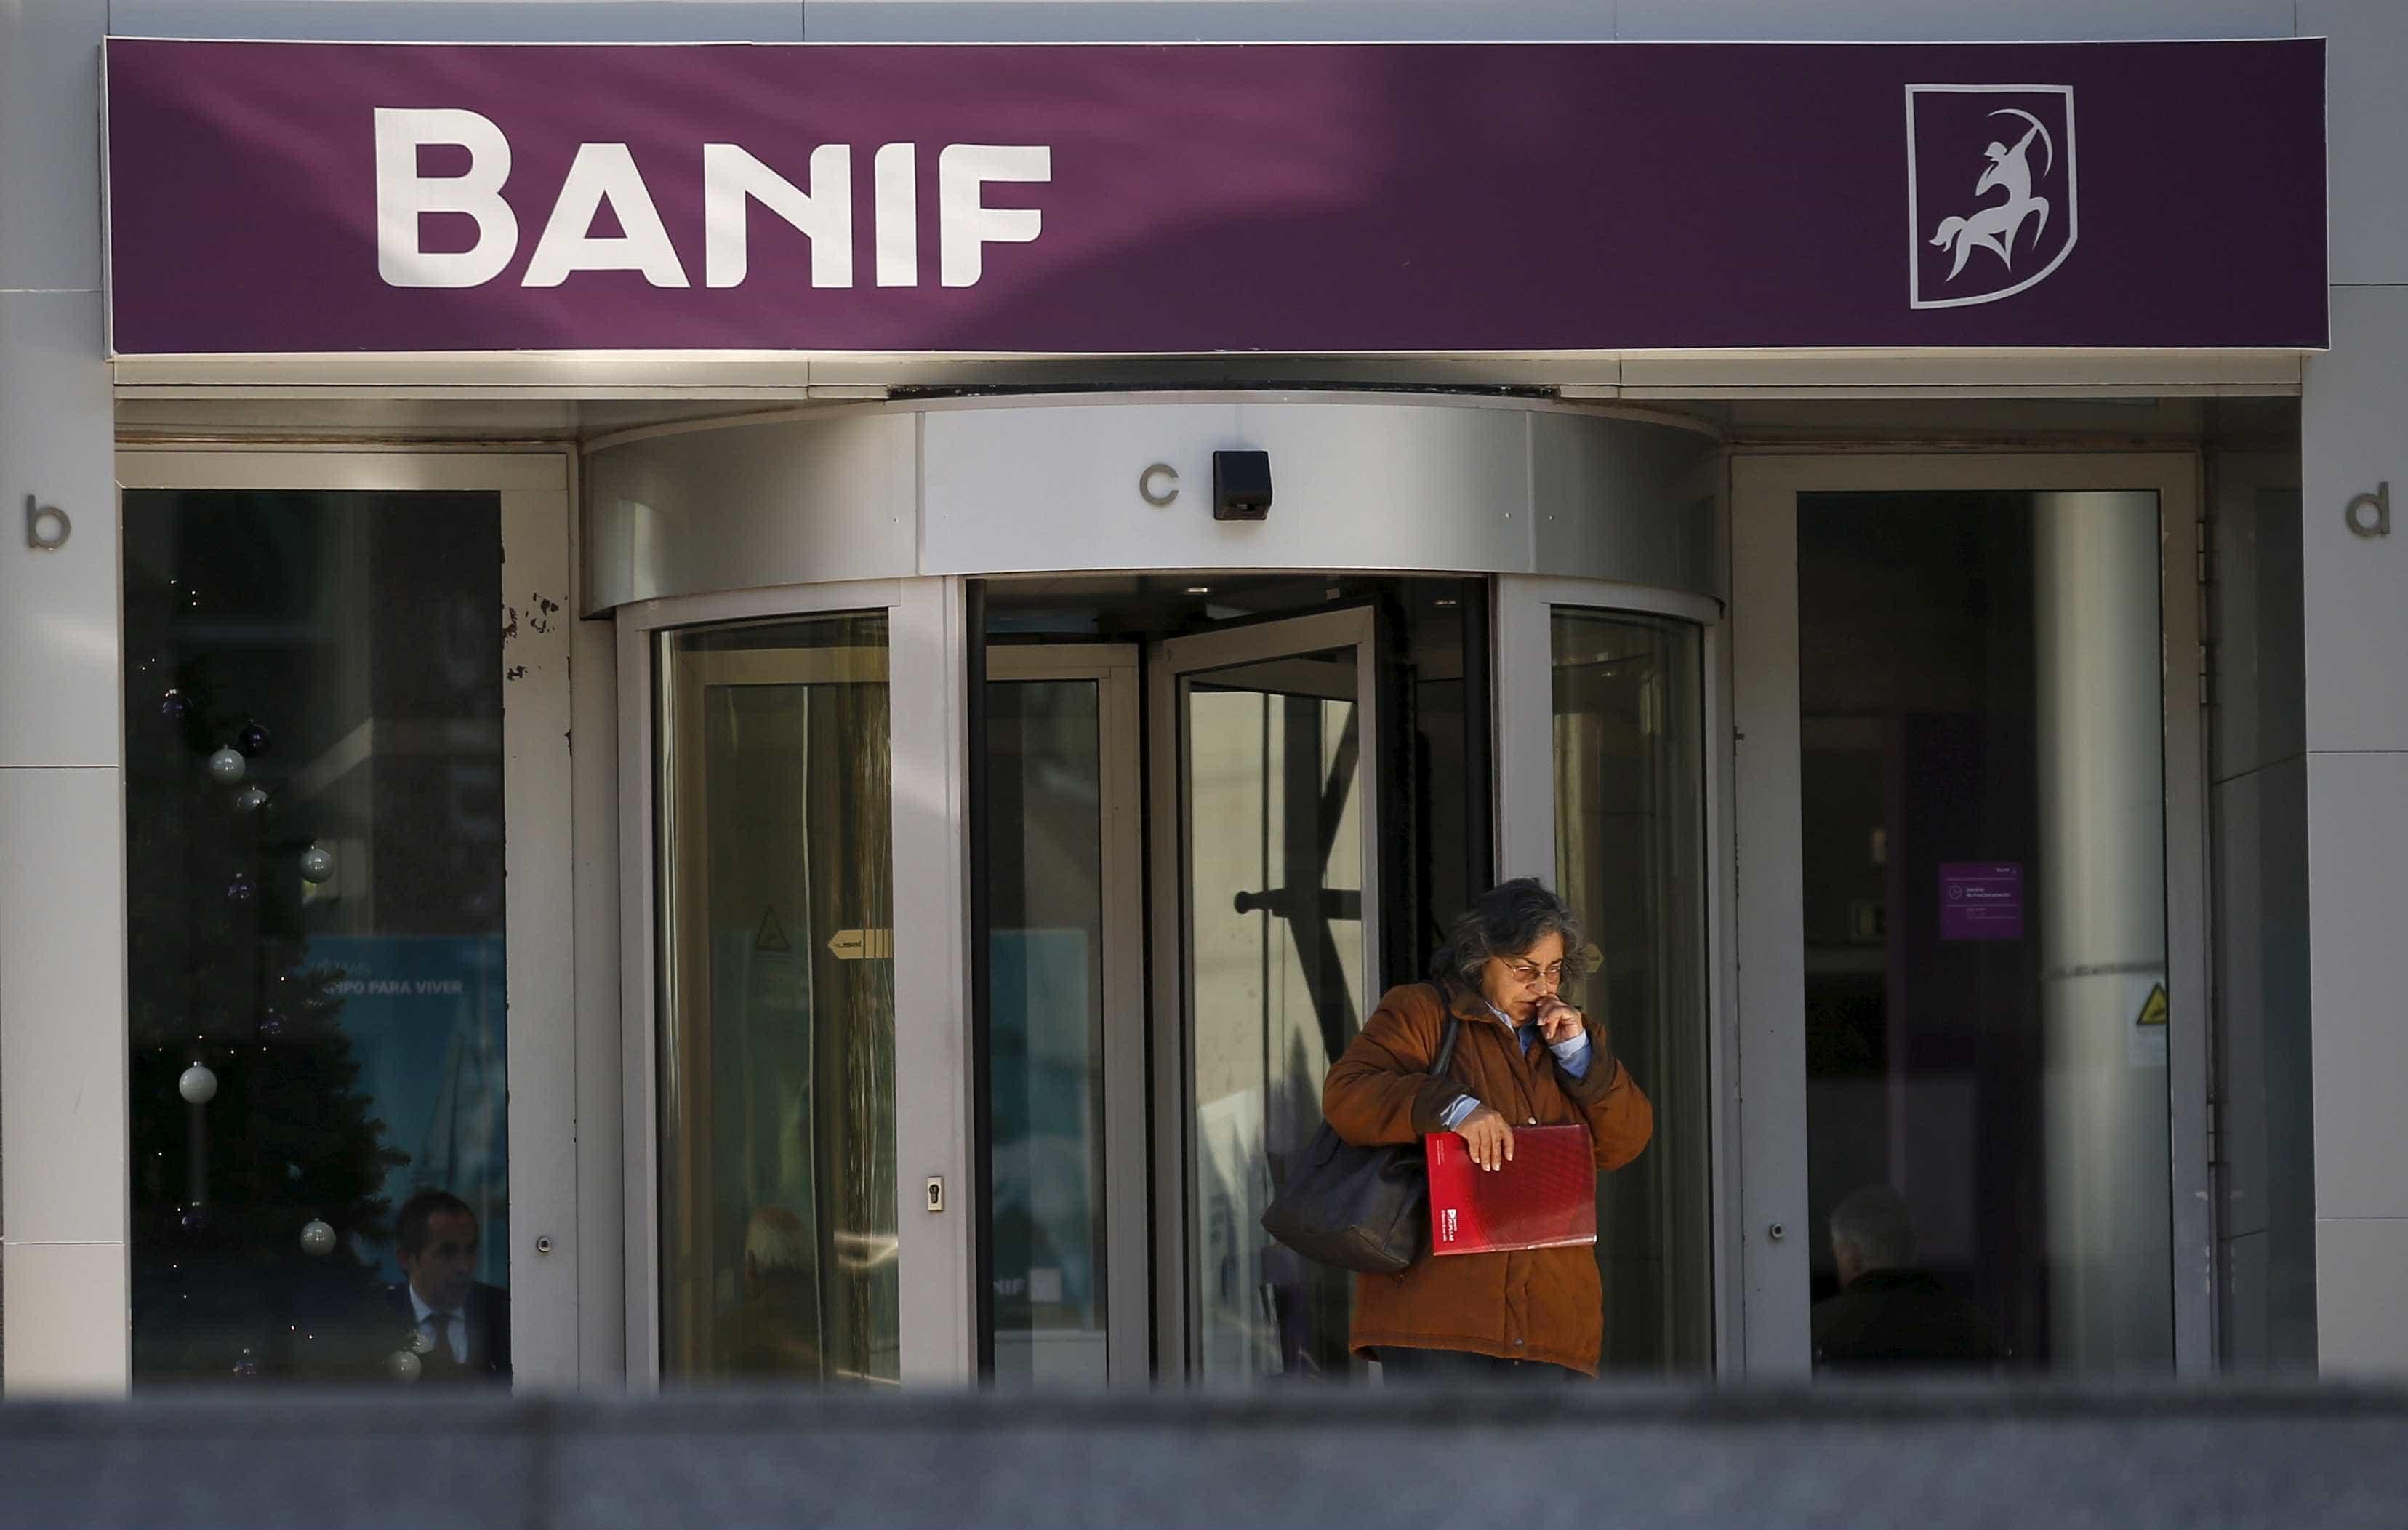 Lesados do Banif querem que bancos sejam obrigados a aceitar mediação